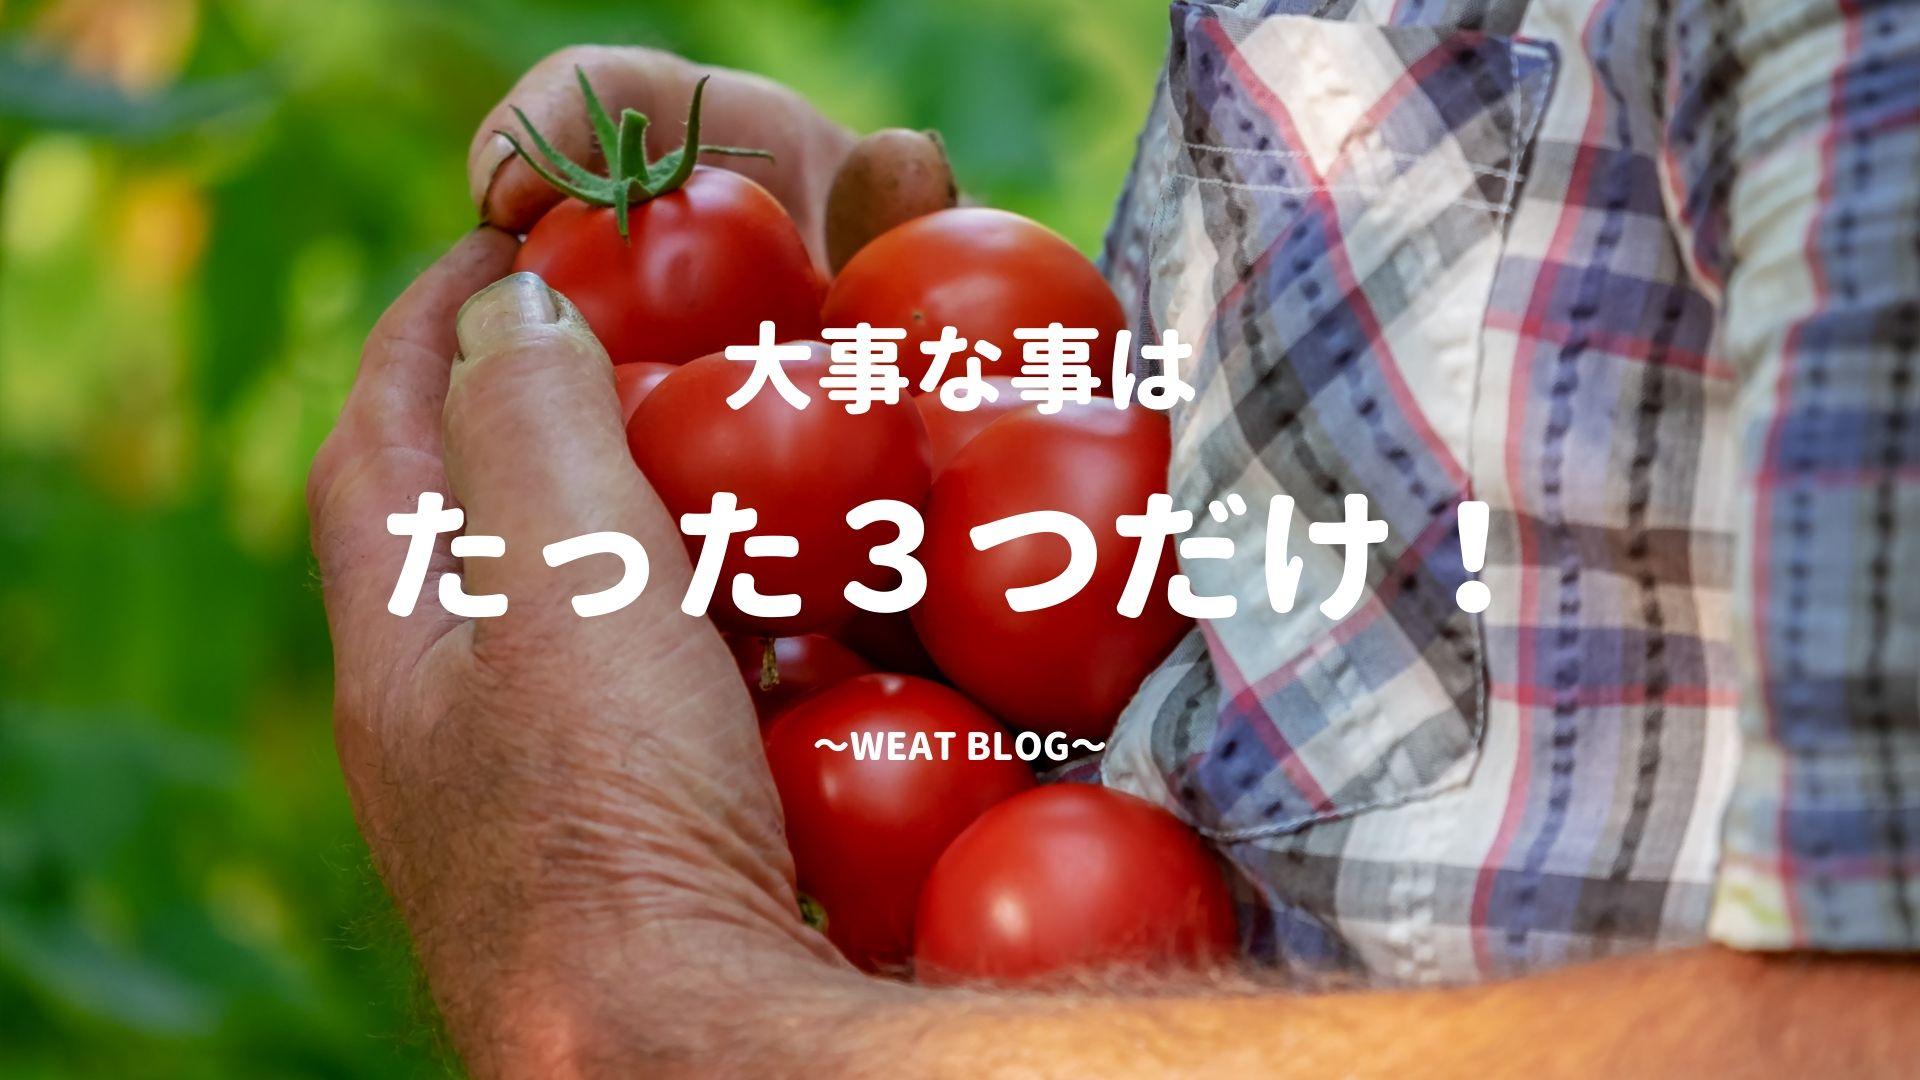 完全図解!無肥料栽培でトマトを定植する3つのポイント